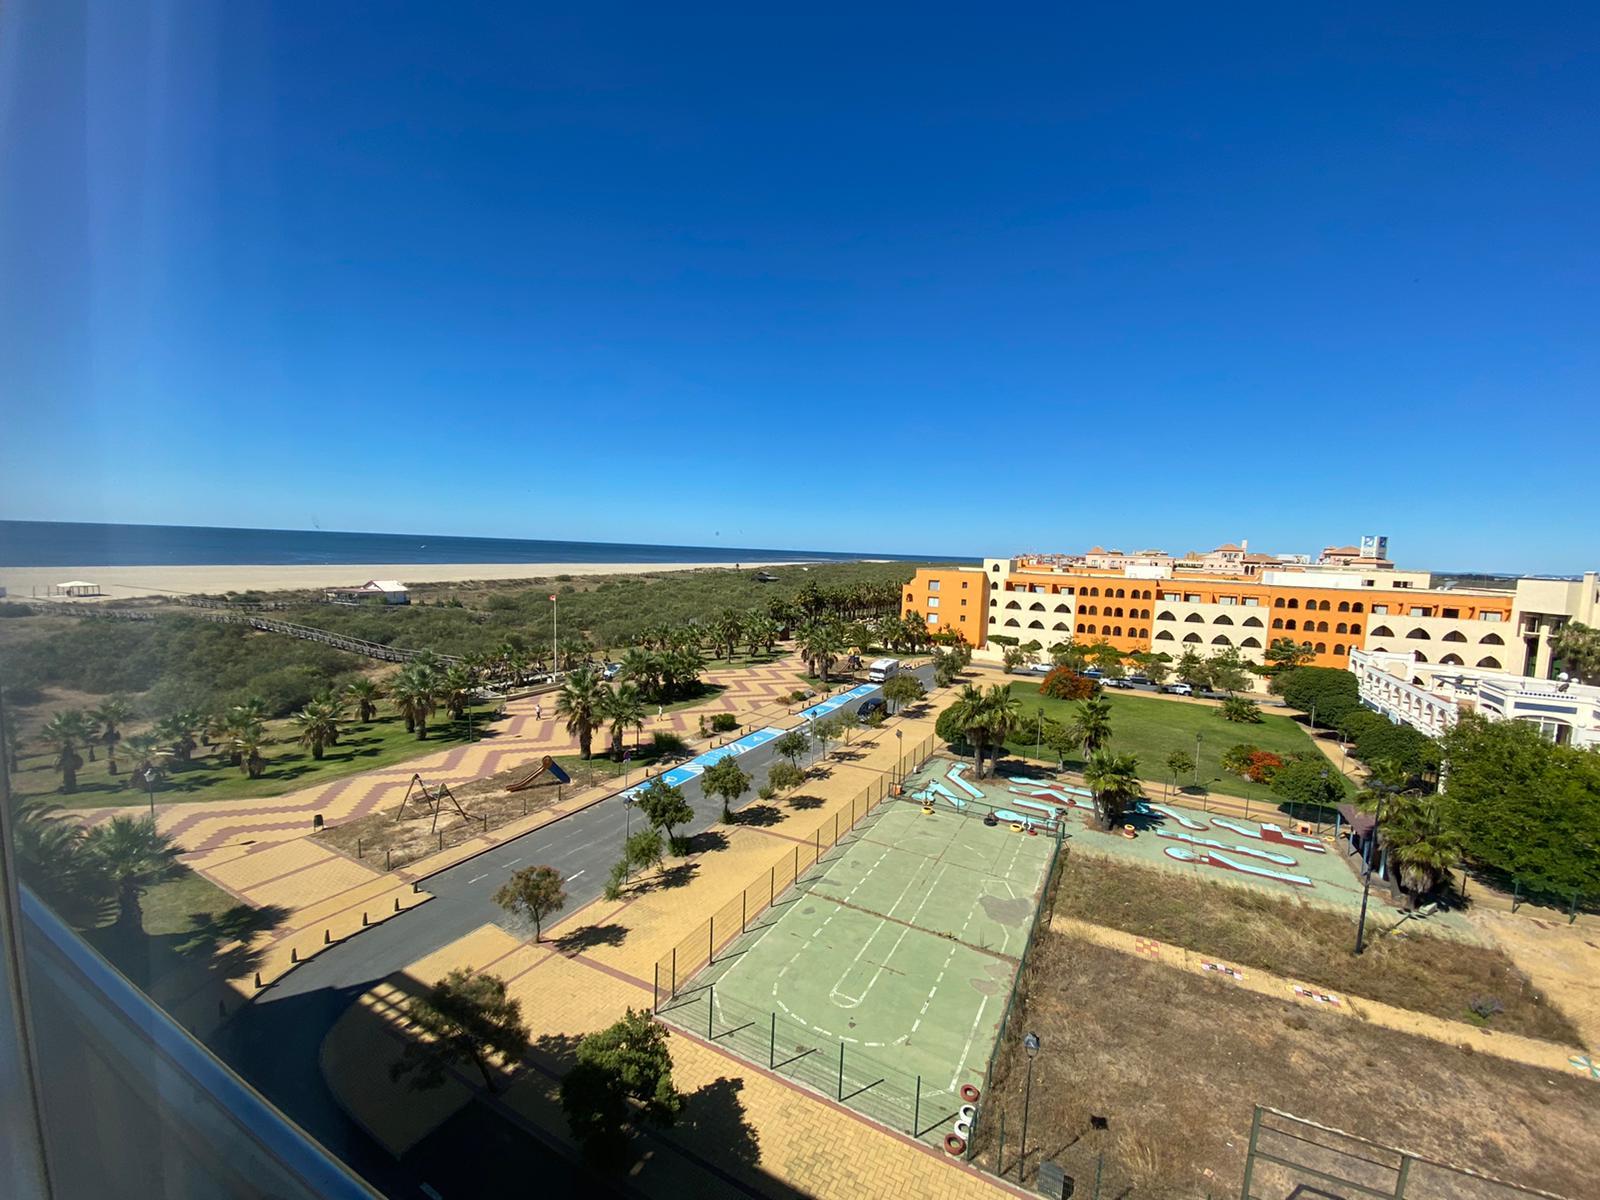 Imagen 41 del Apartamento Turístico, Ático 1 Poniente (3d+2b), Punta del Moral (HUELVA), Paseo de la Cruz nº22